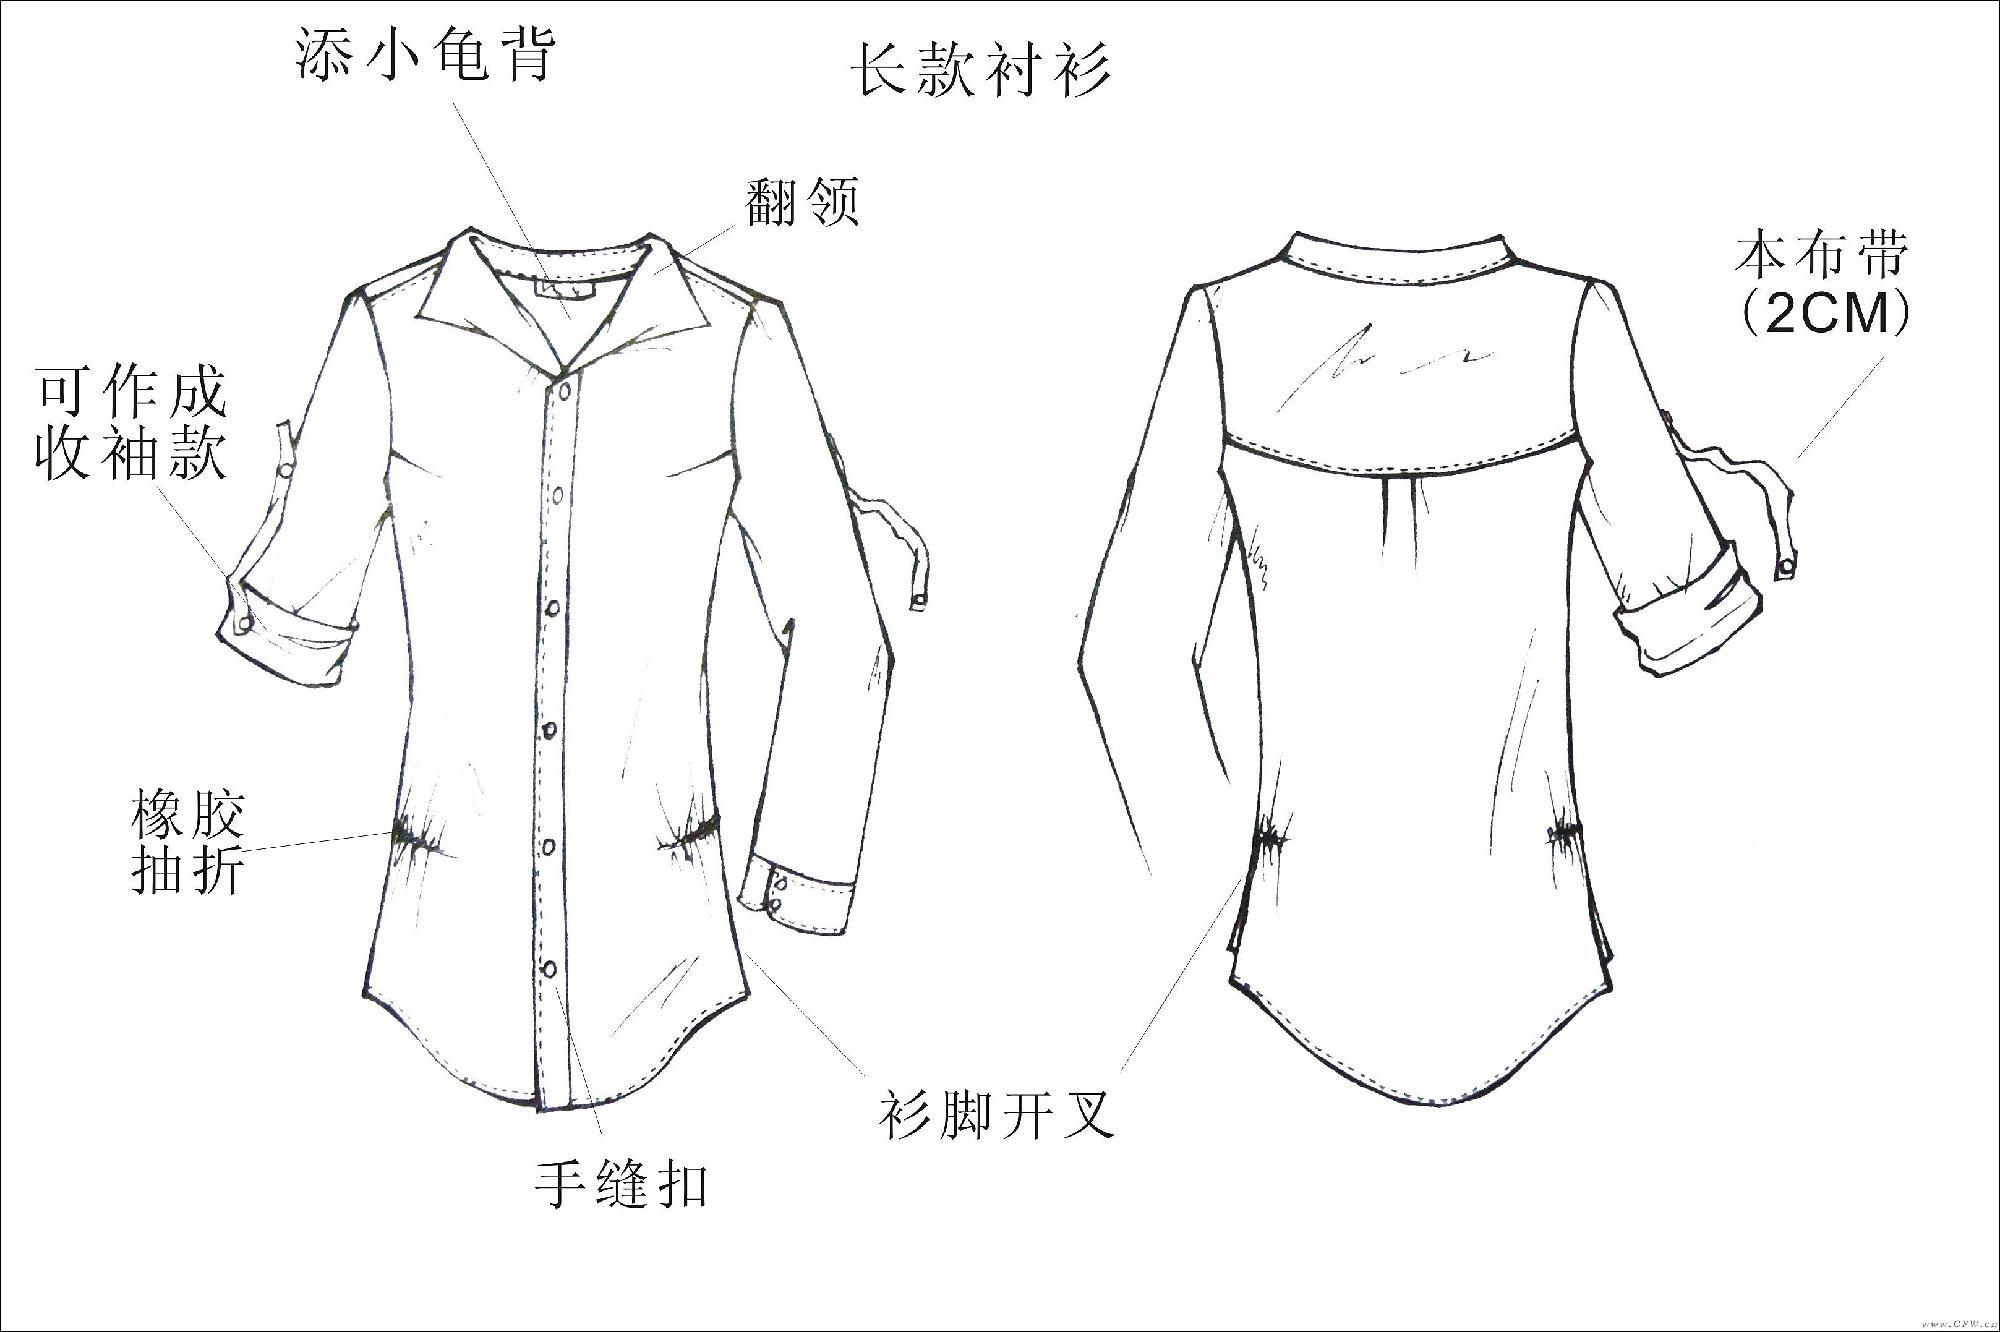 服装设计图cnfzrcw